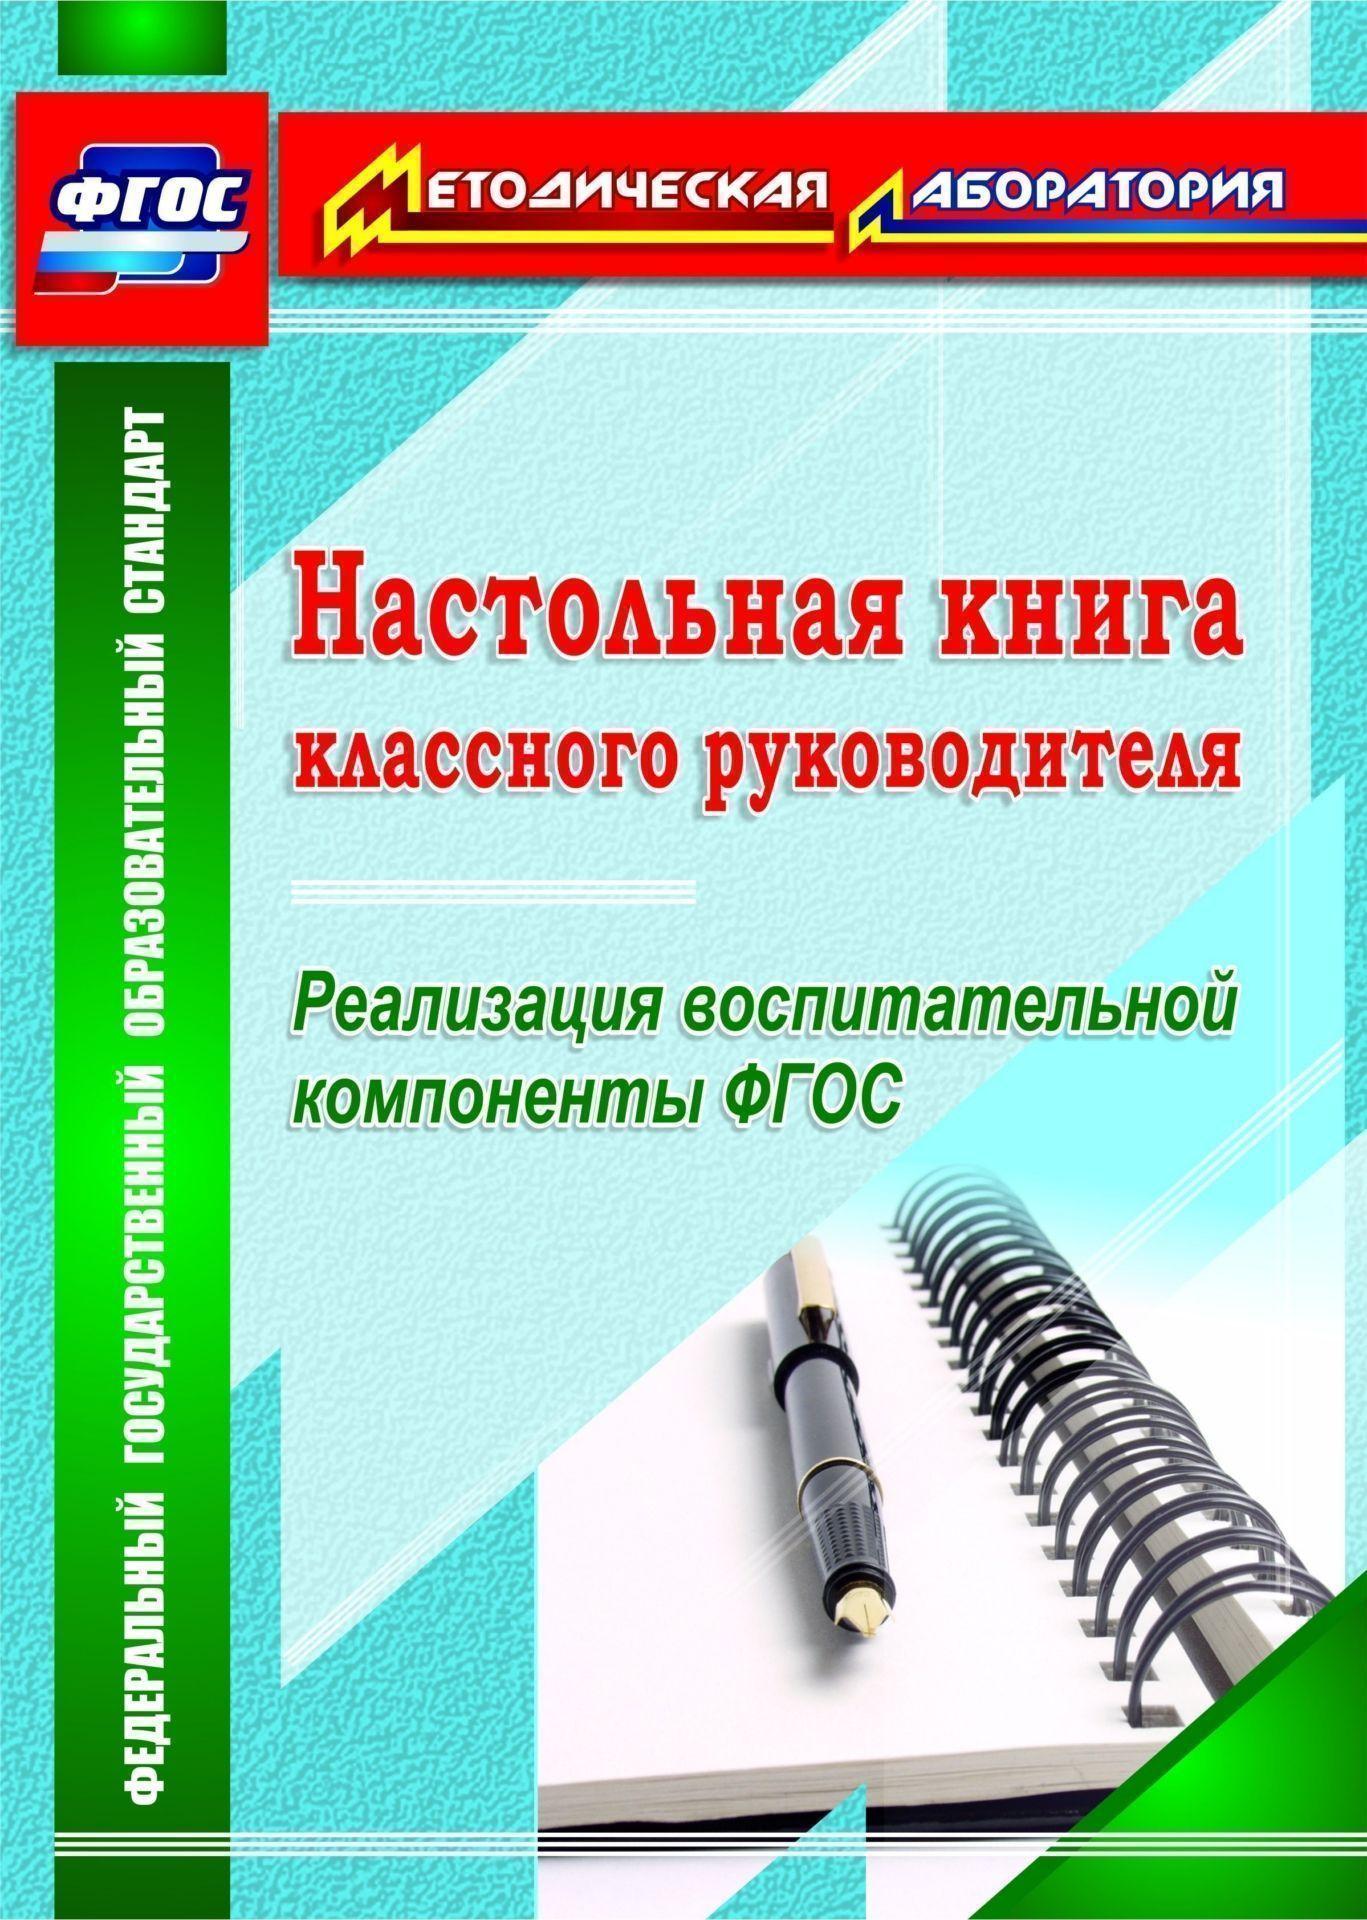 Настольная книга классного руководителя. Реализация воспитательной компоненты ФГОС. Программа для установки через интернет